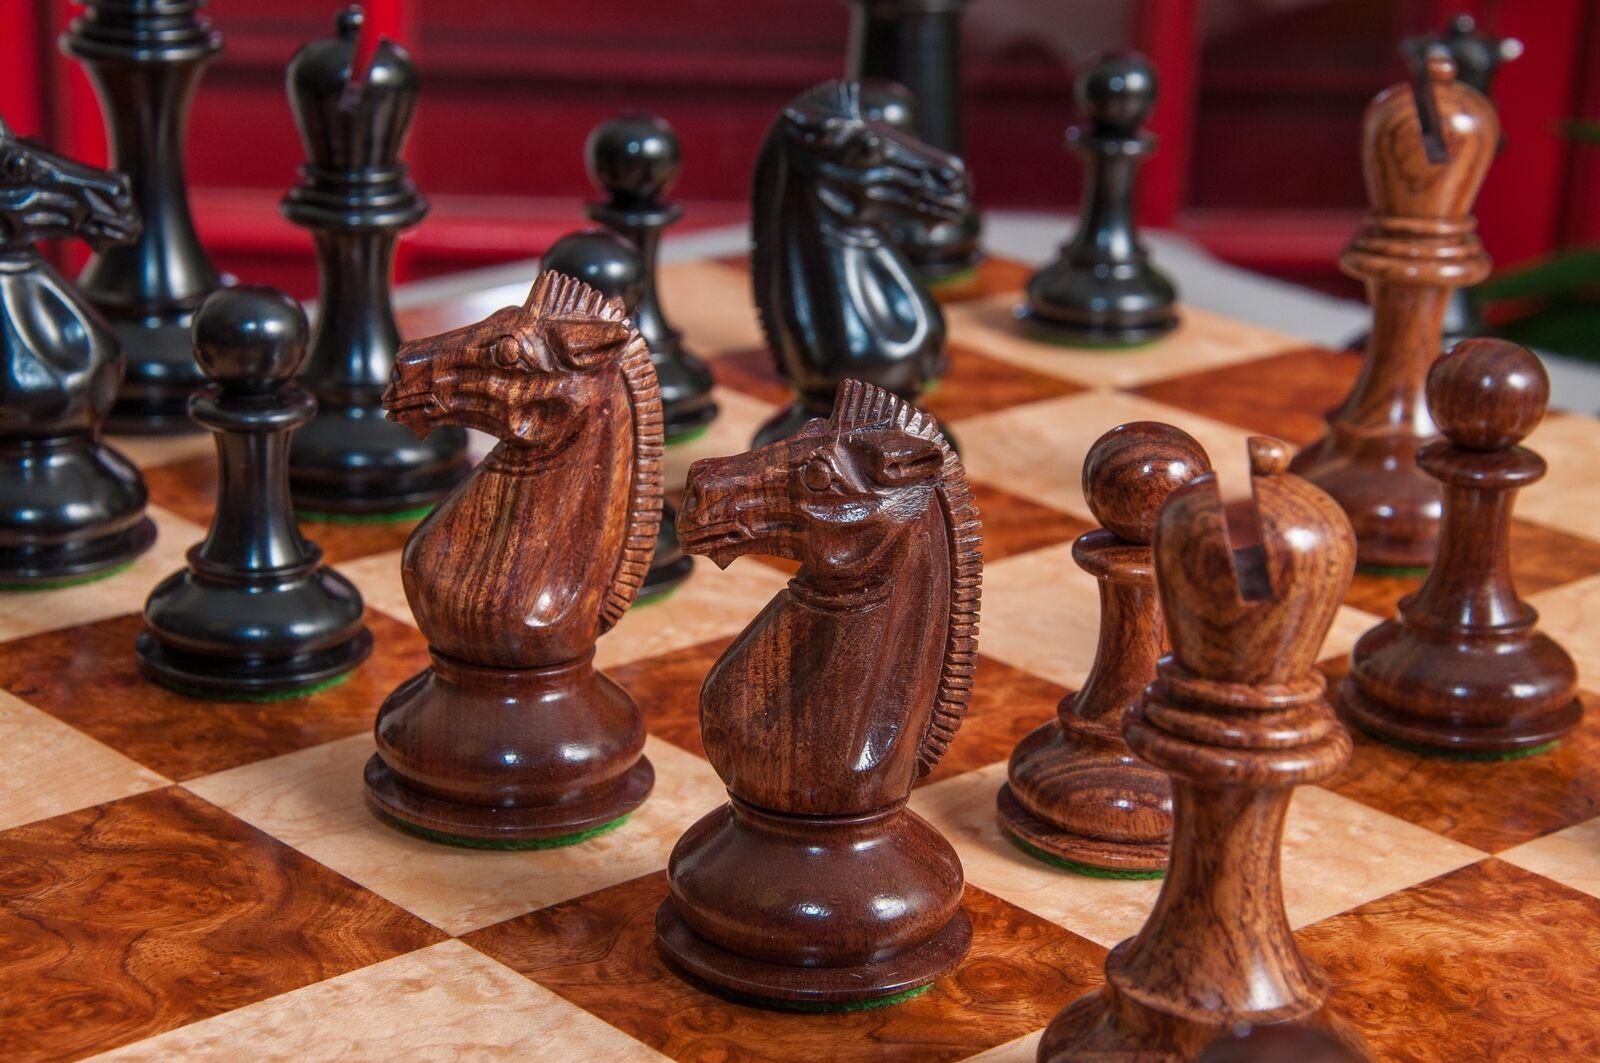 Le challenger série luxe  Chess Set-pièces seuleHommest - 4.4  King-Véritable Ebony  avec le prix bon marché pour obtenir la meilleure marque